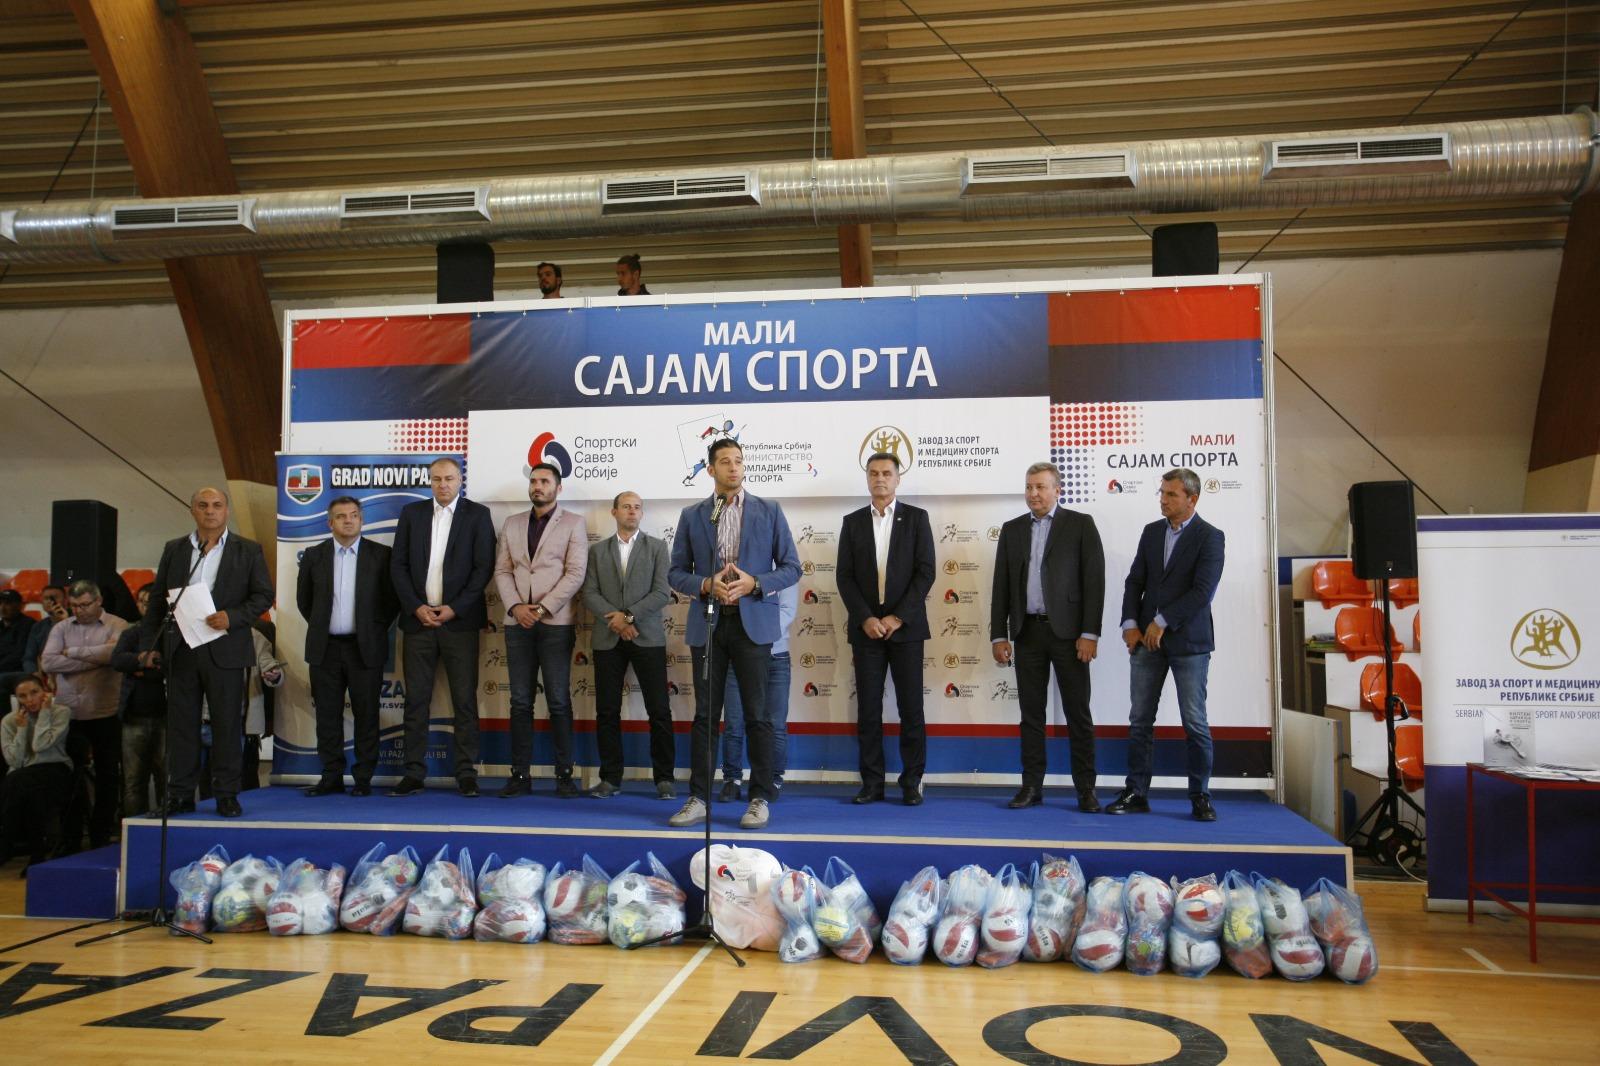 Министар Удовичић присуствовао Малом сајму спорта у Новом Пазару